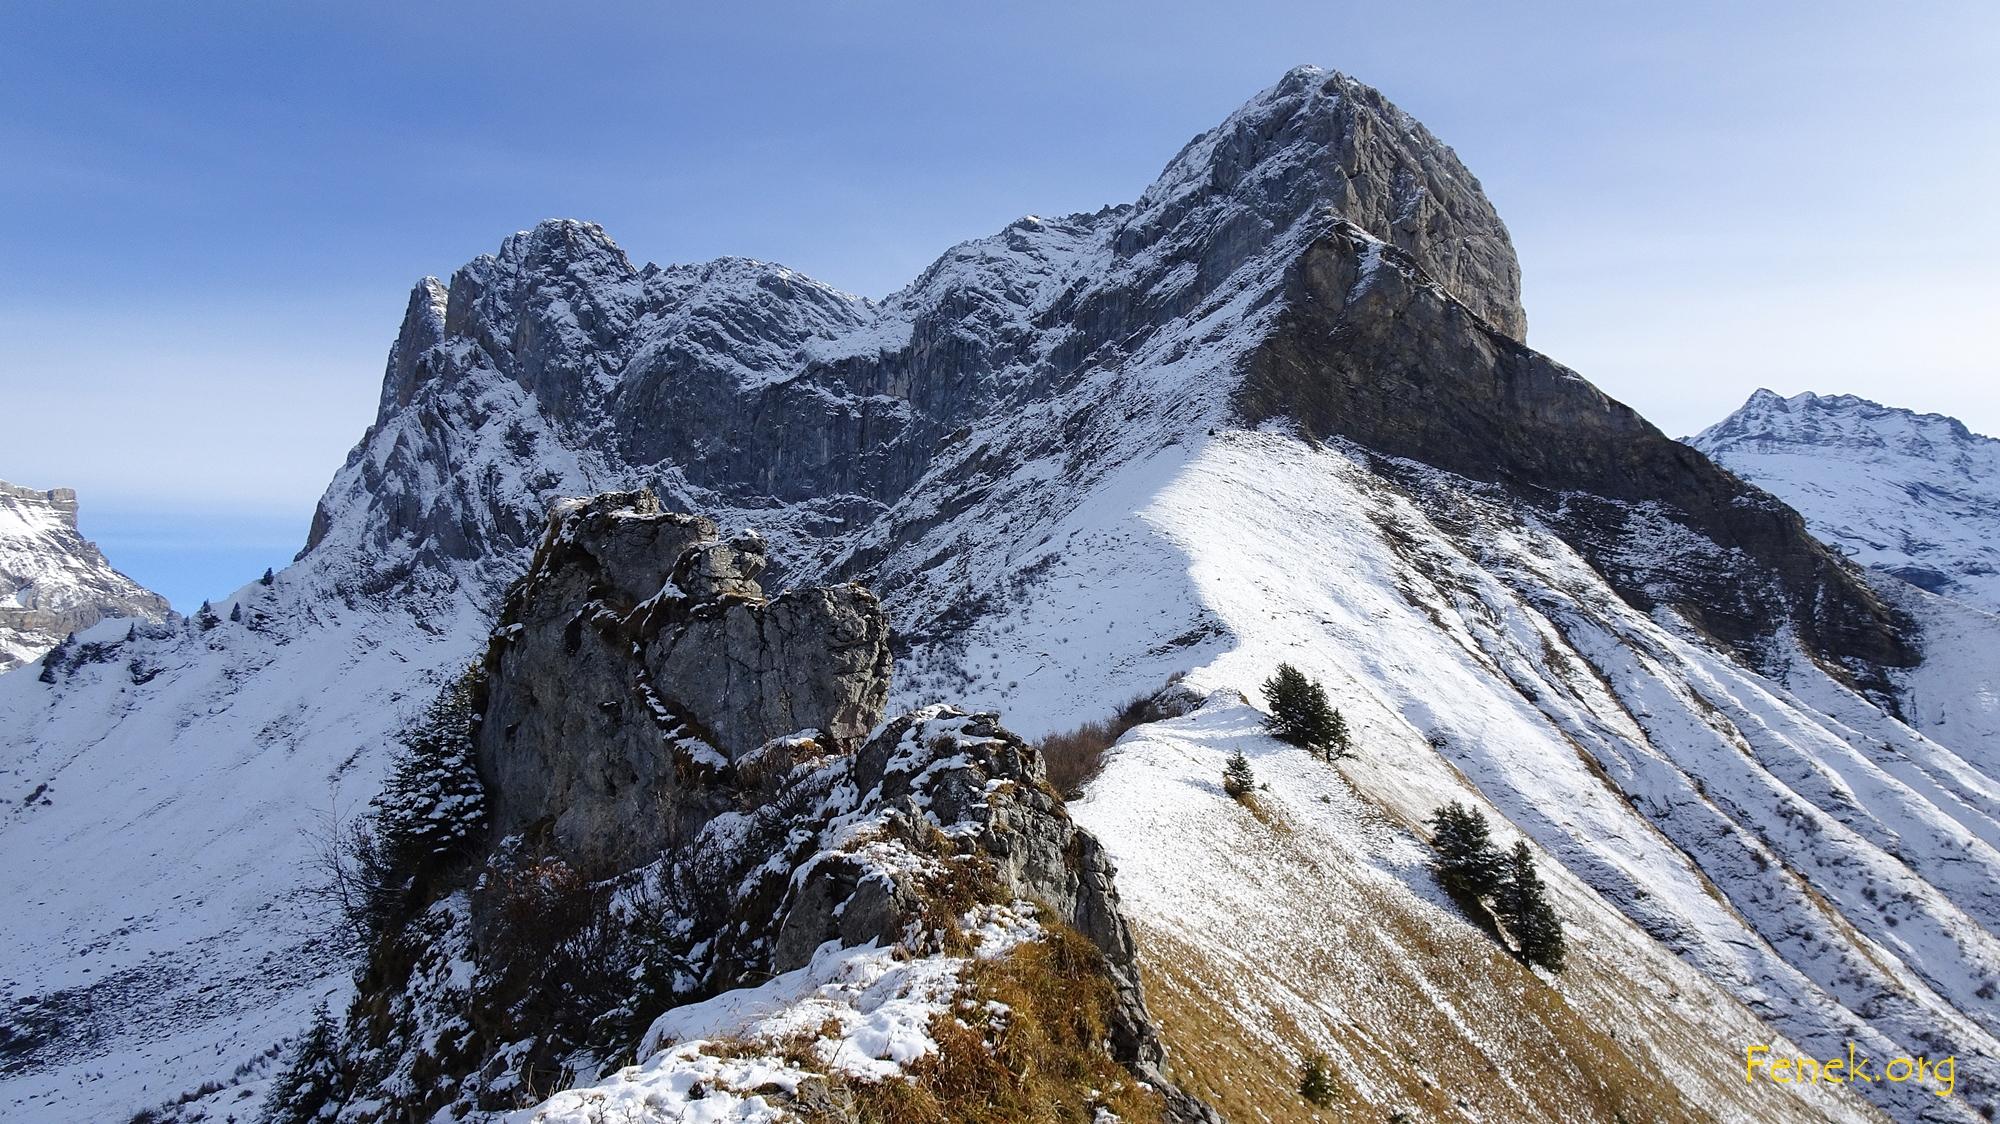 Der Gipfelblock muss erkraxelt werden (T3+/I)